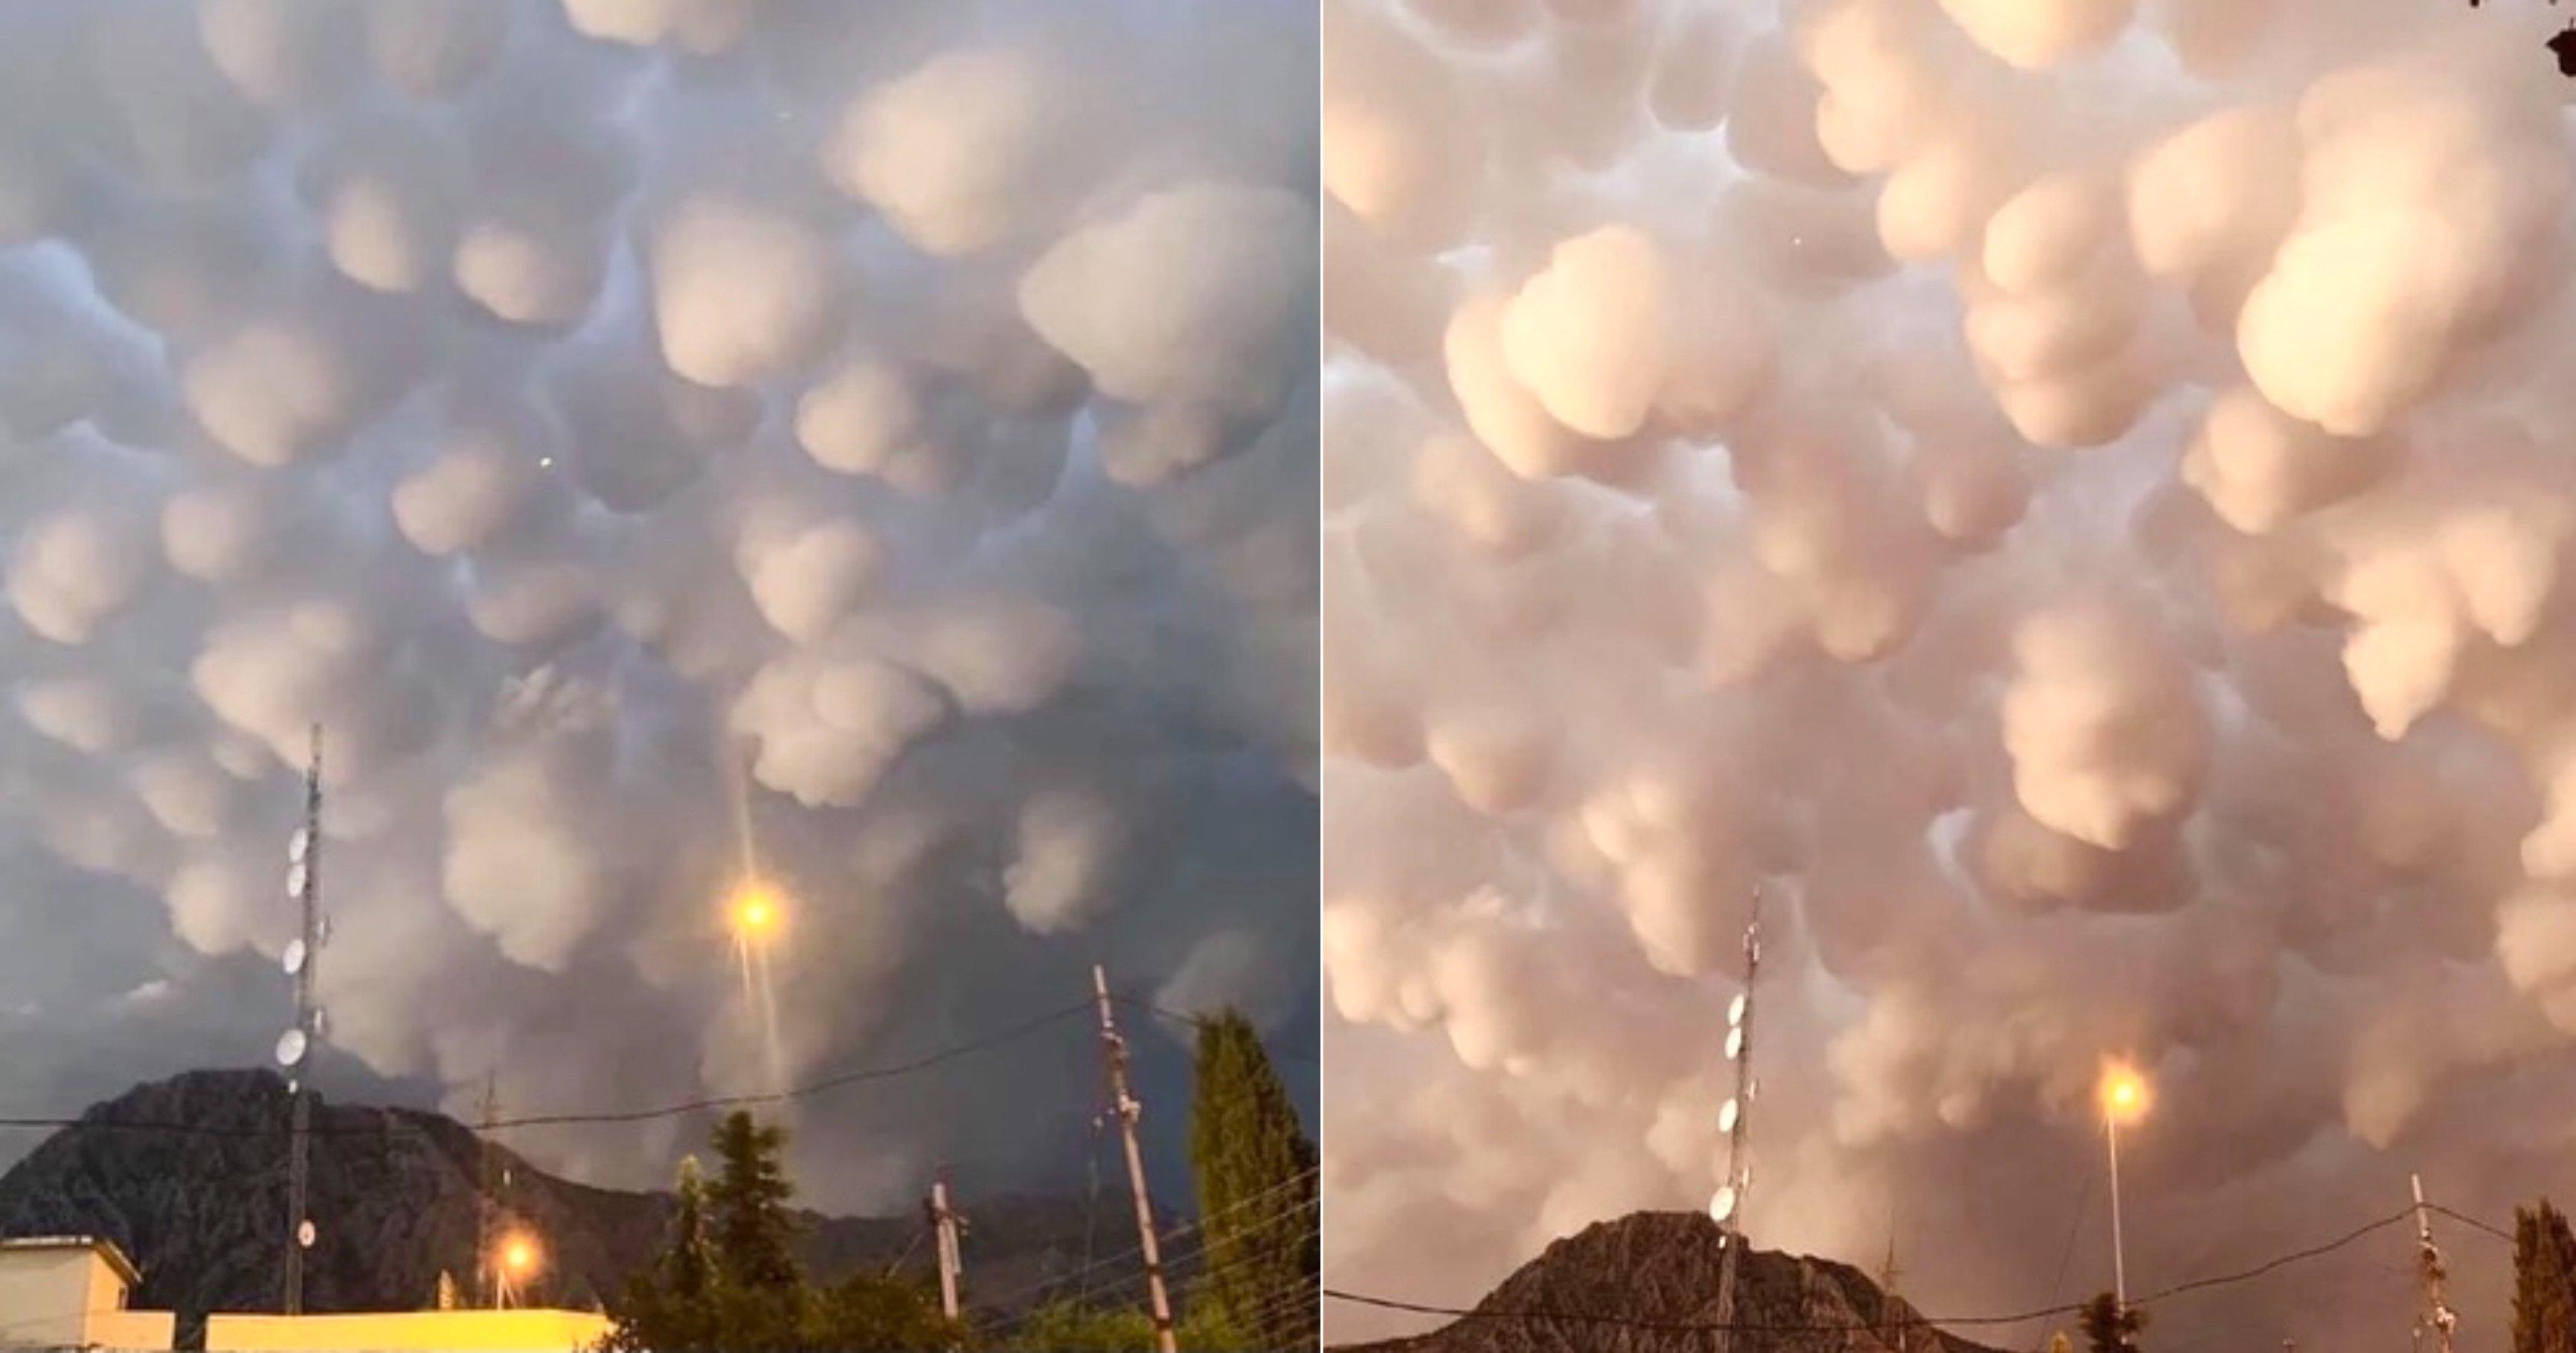 """4beb1ceb 708d 4991 8b96 d8c47d6cd2df.jpeg?resize=412,232 - """"하늘에 이상한 구름이 떠있는데 모양이 좀 야해요..""""..하늘에 떠 있는19금 구름의 정체 (feat.19금 이름)"""